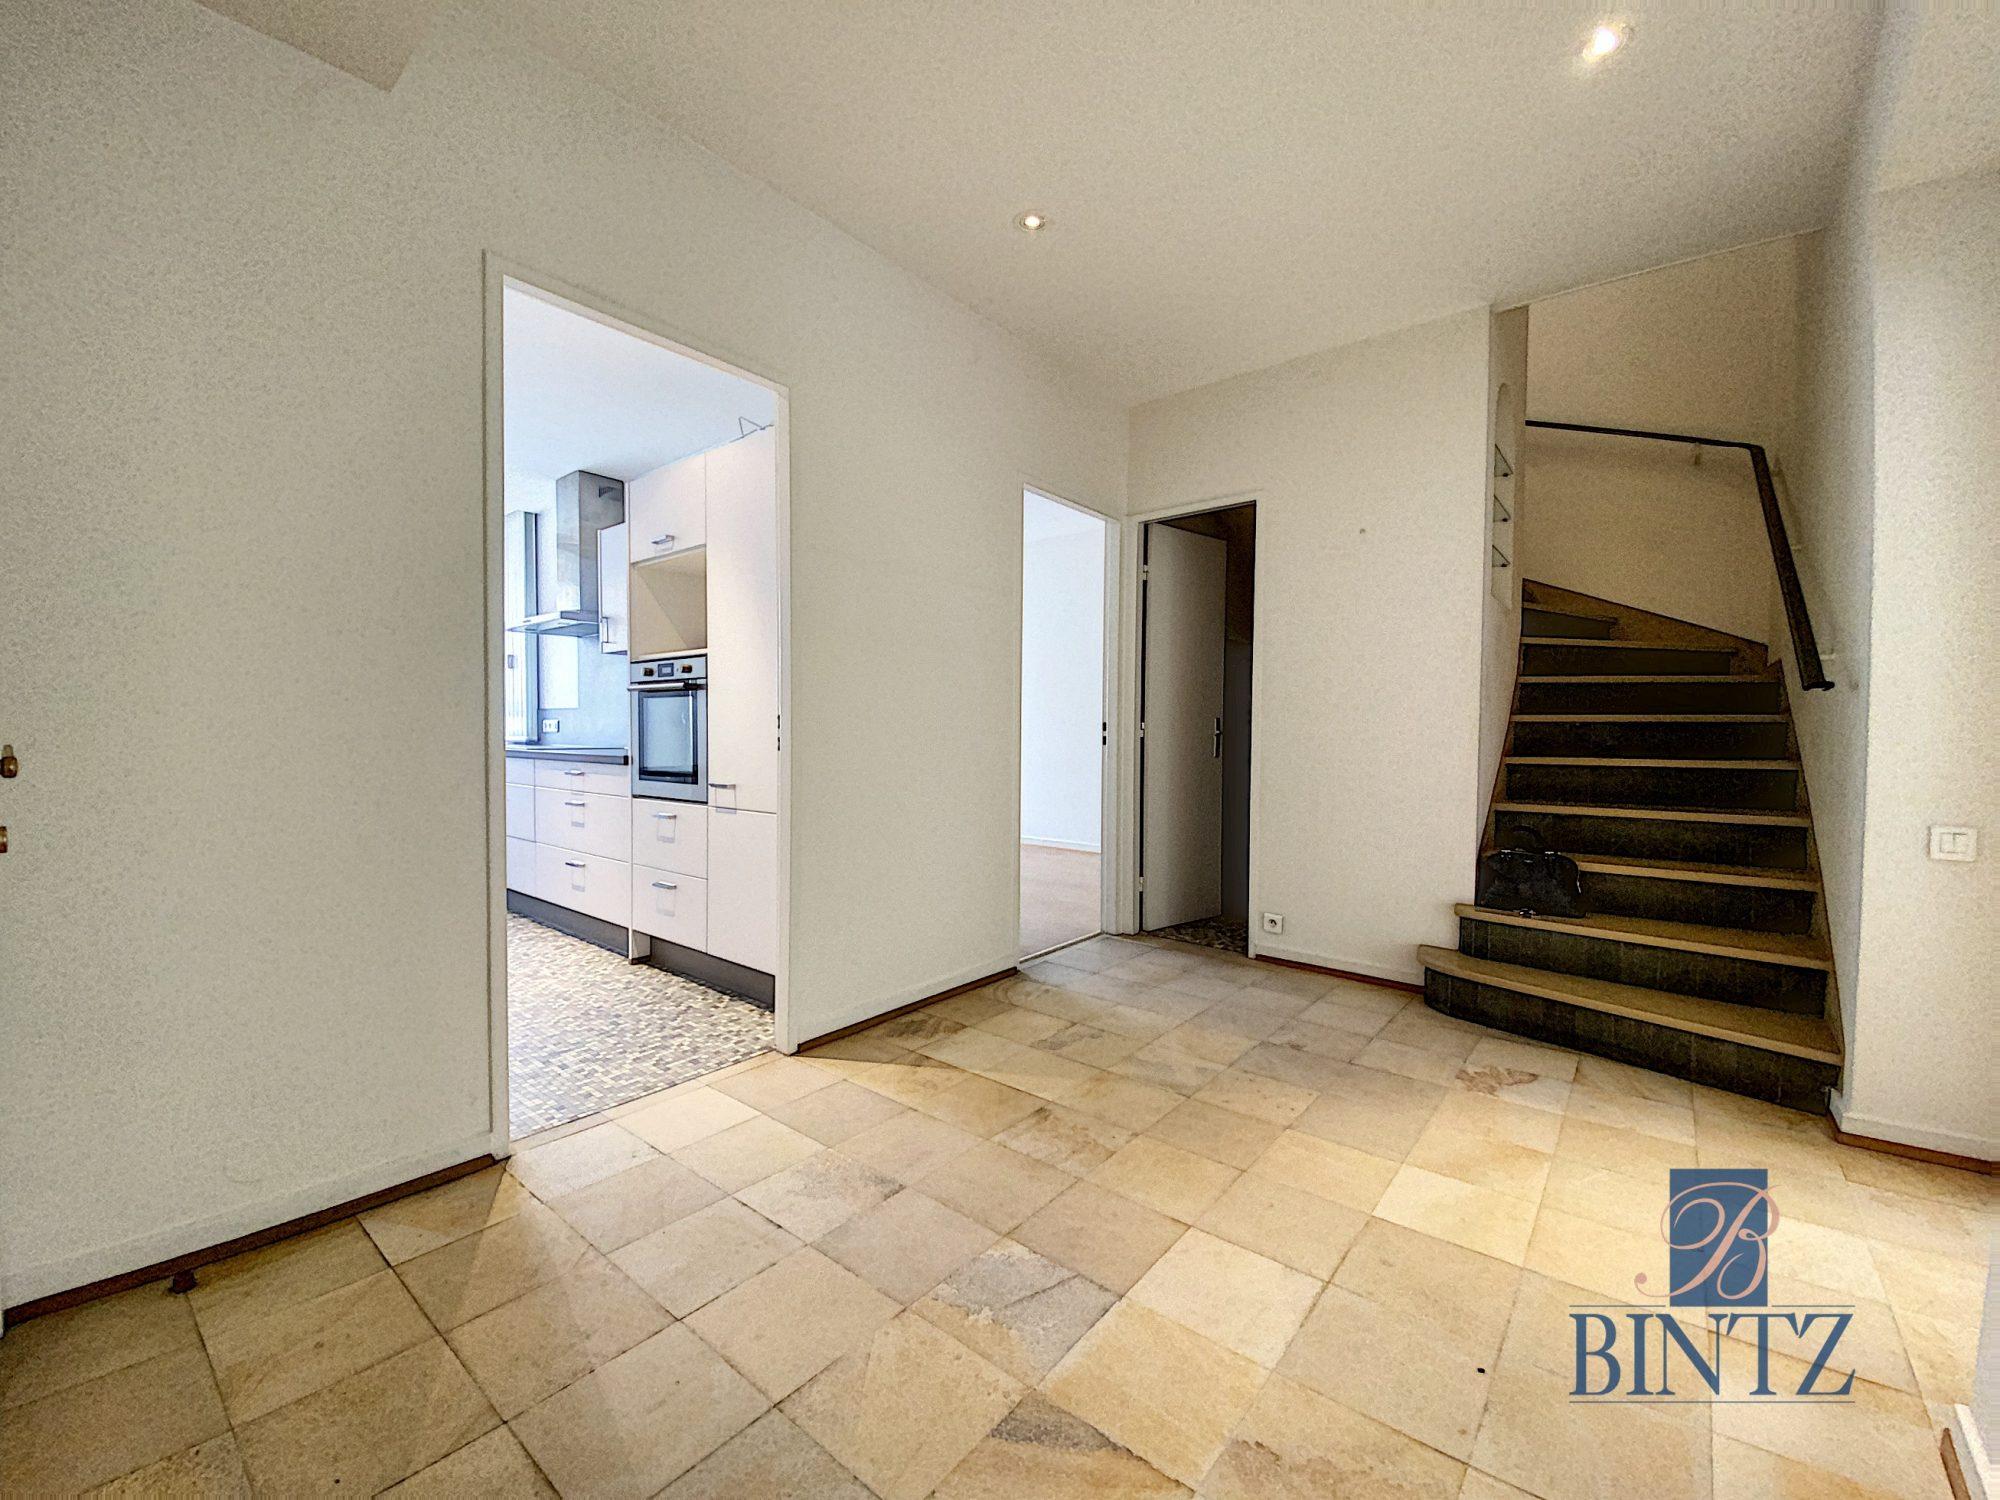 5 PIÈCES QUARTIER CONTADES - Devenez locataire en toute sérénité - Bintz Immobilier - 6